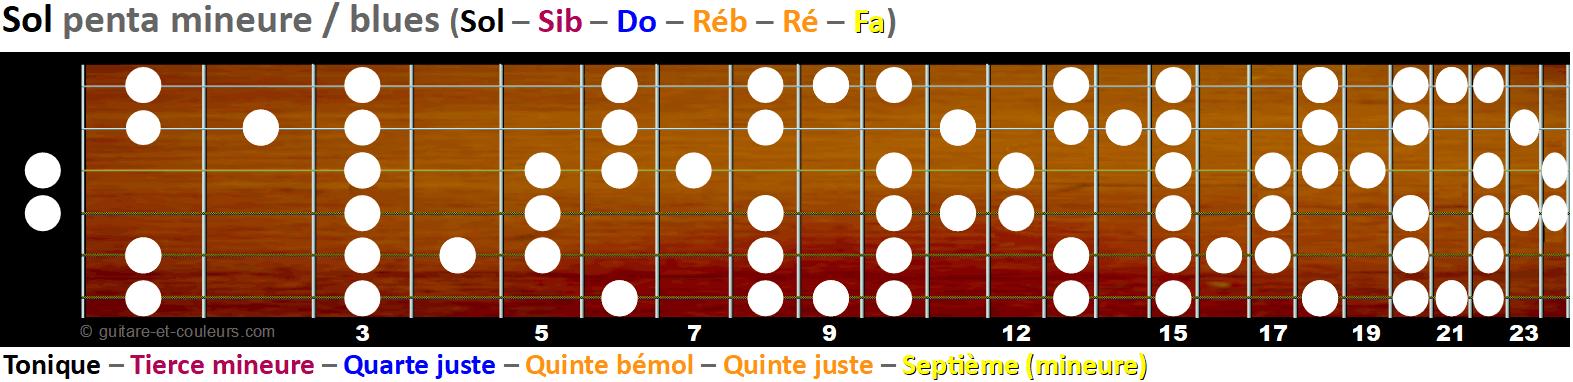 La gamme pentatonique mineure et blues sur le manche - Tonalité G